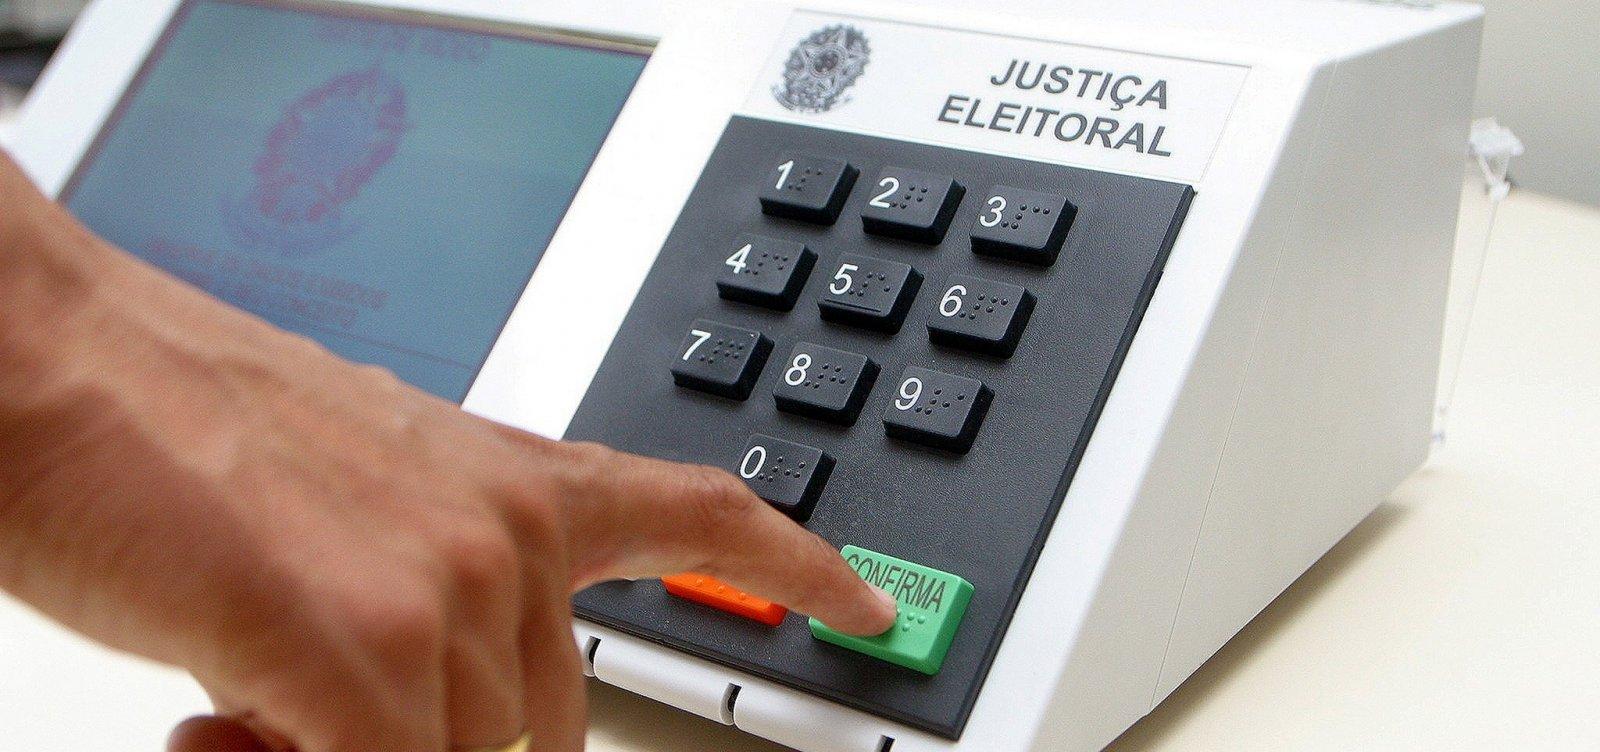 [Coligação de Bolsonaro pede verificação de urnas usadas no 1° turno na Bahia]